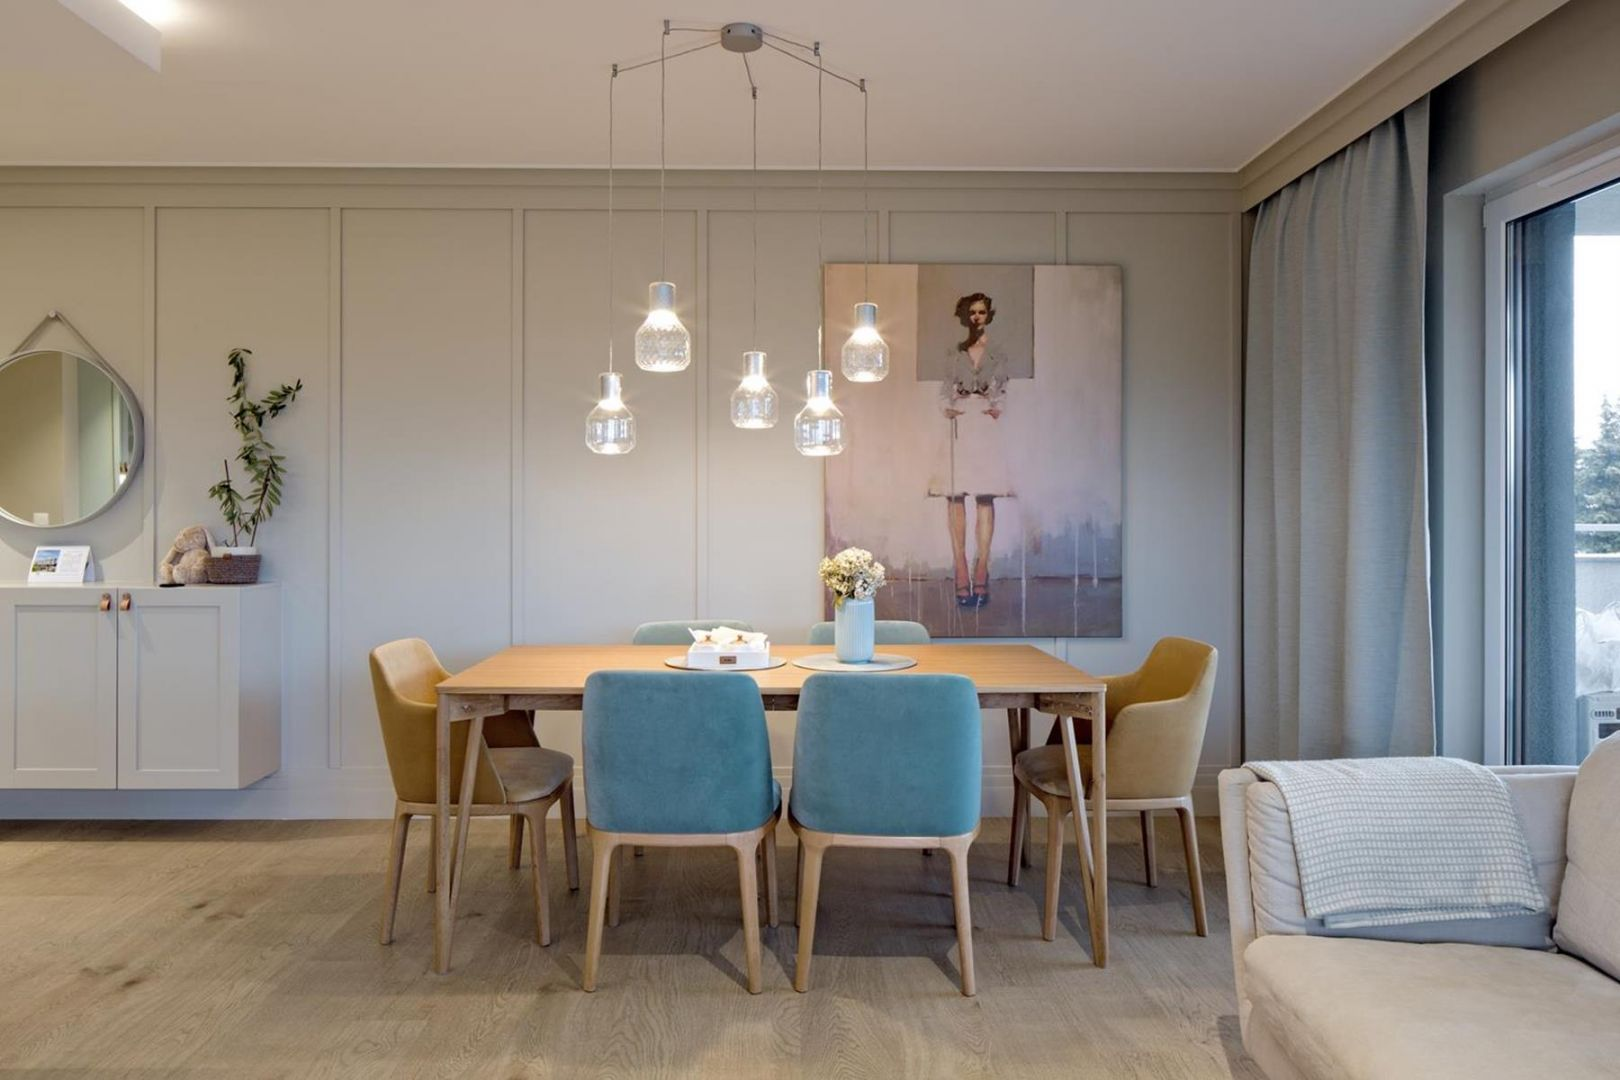 Wiszące lampy nad stołem stanowią piękny element dekoracyjny w jadalni. Projekt: AQForm, Fabryka Art. Fot. Małgorzata Tenczyńska-Korluk